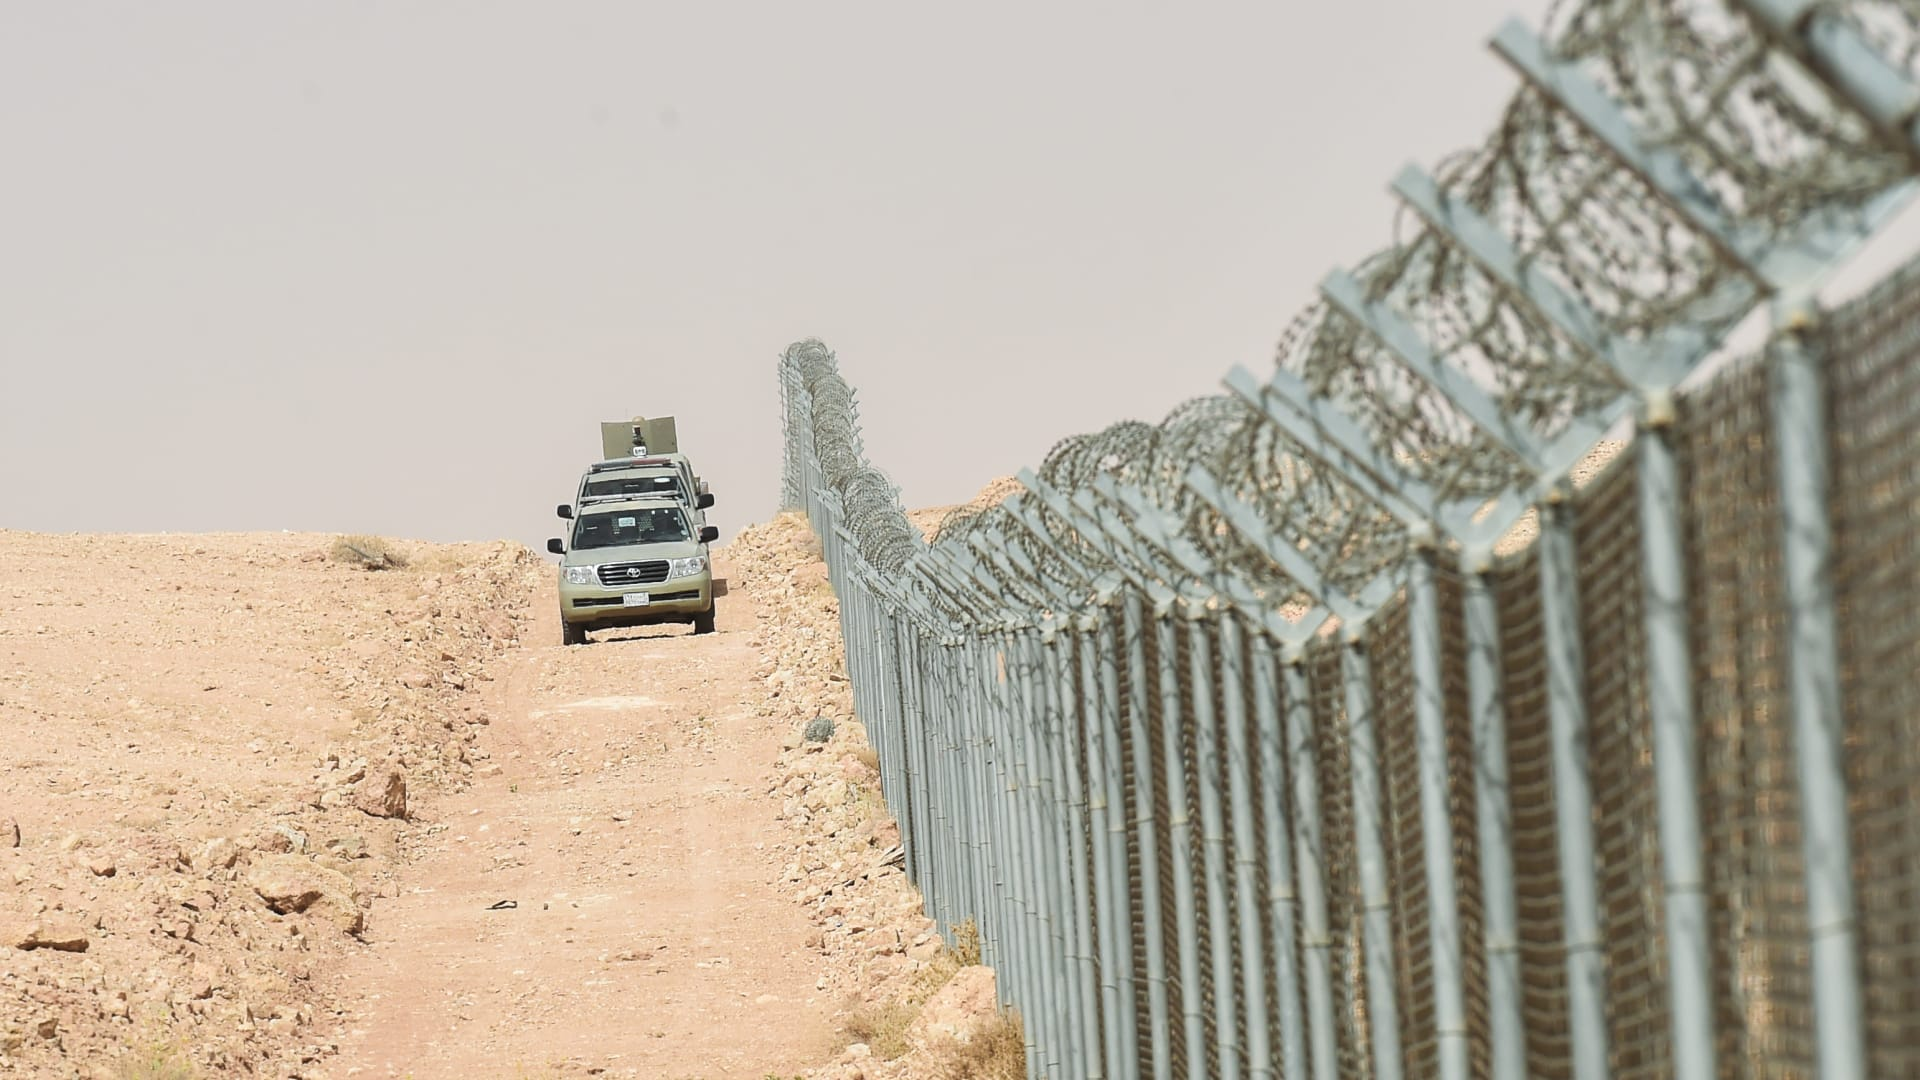 حرس الحدود السعودي يفتح باب وظائفه للنساء.. وهذه شروطه